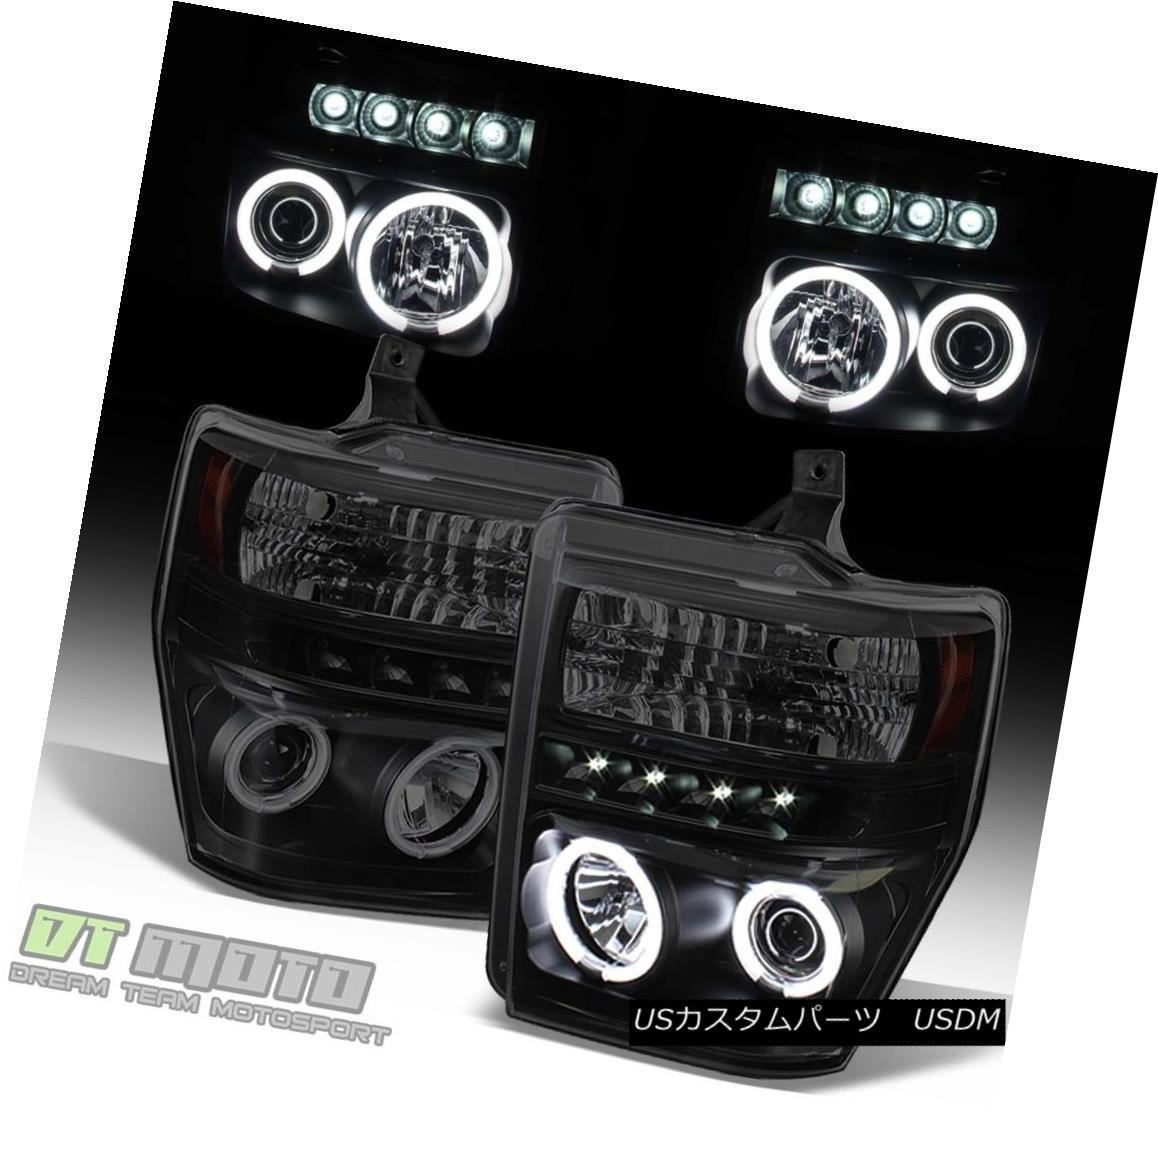 ヘッドライト Black Smoke 2008-2010 Ford F250 F350 SD LED CCFL Projector Headlights Headlamps ブラックスモーク2008-2010フォードF250 F350 SD LED CCFLプロジェクターヘッドライトヘッドランプ